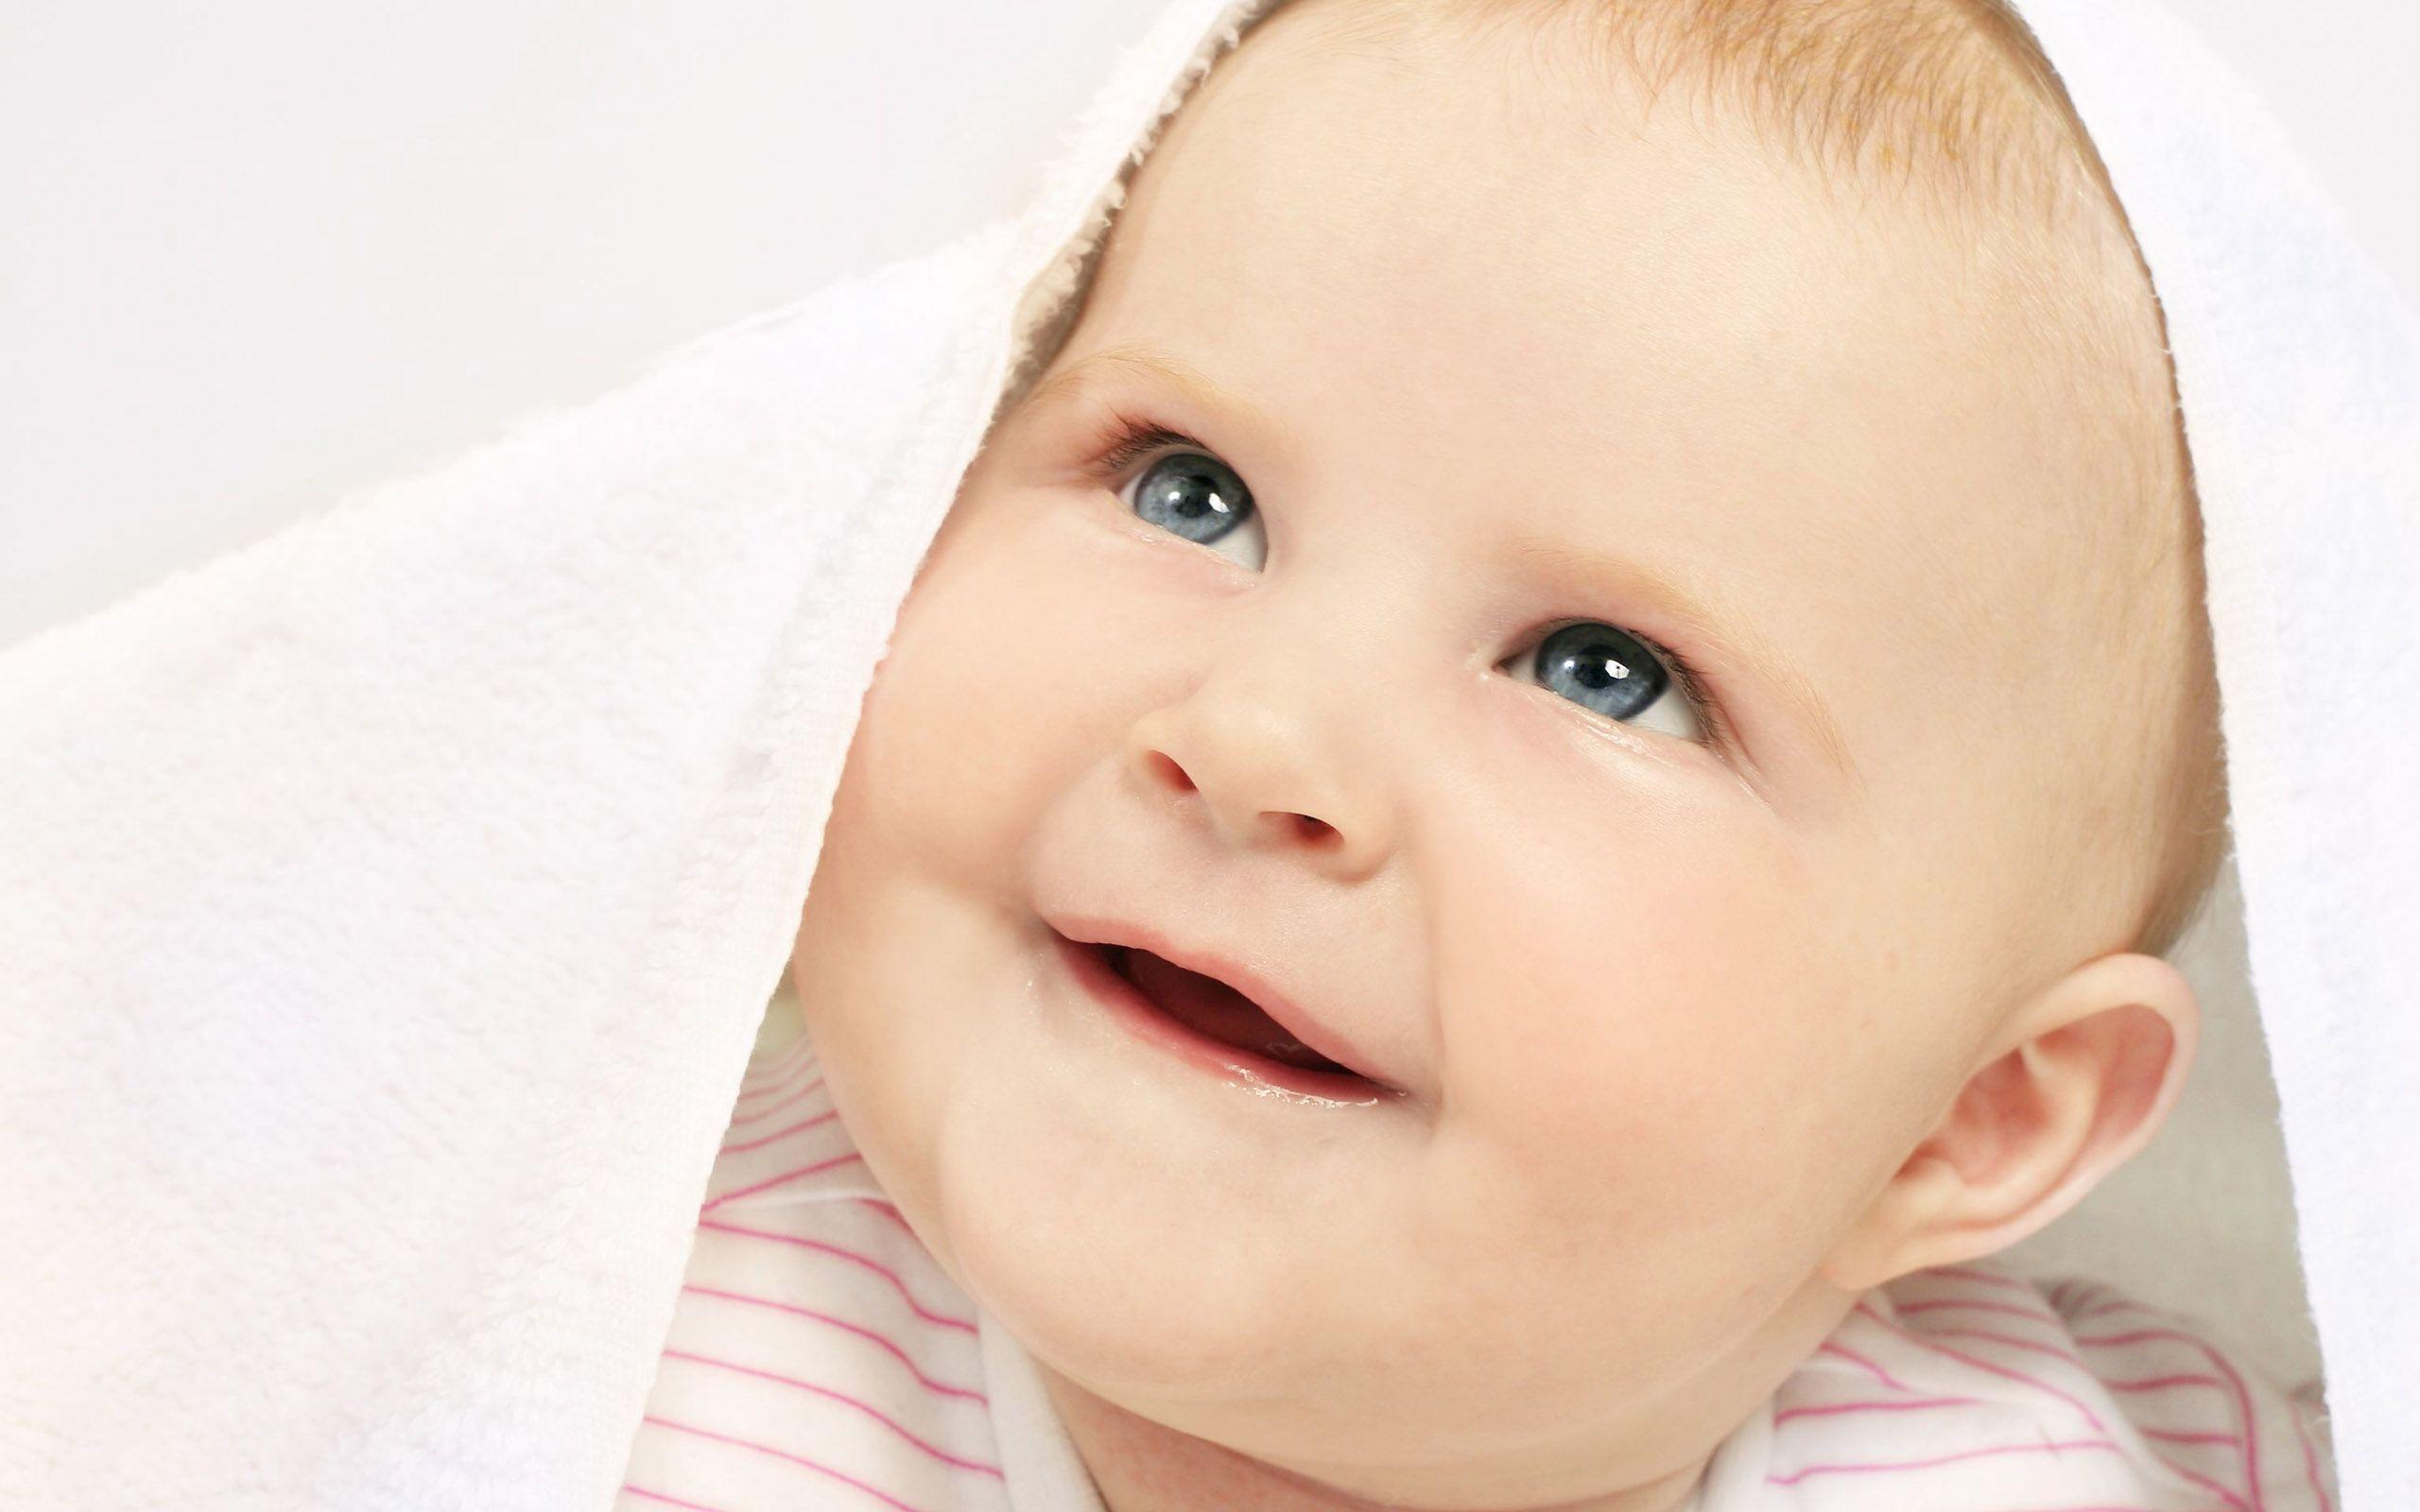 اجمل اطفال العالم اولاد بالصور مجلة رجيم